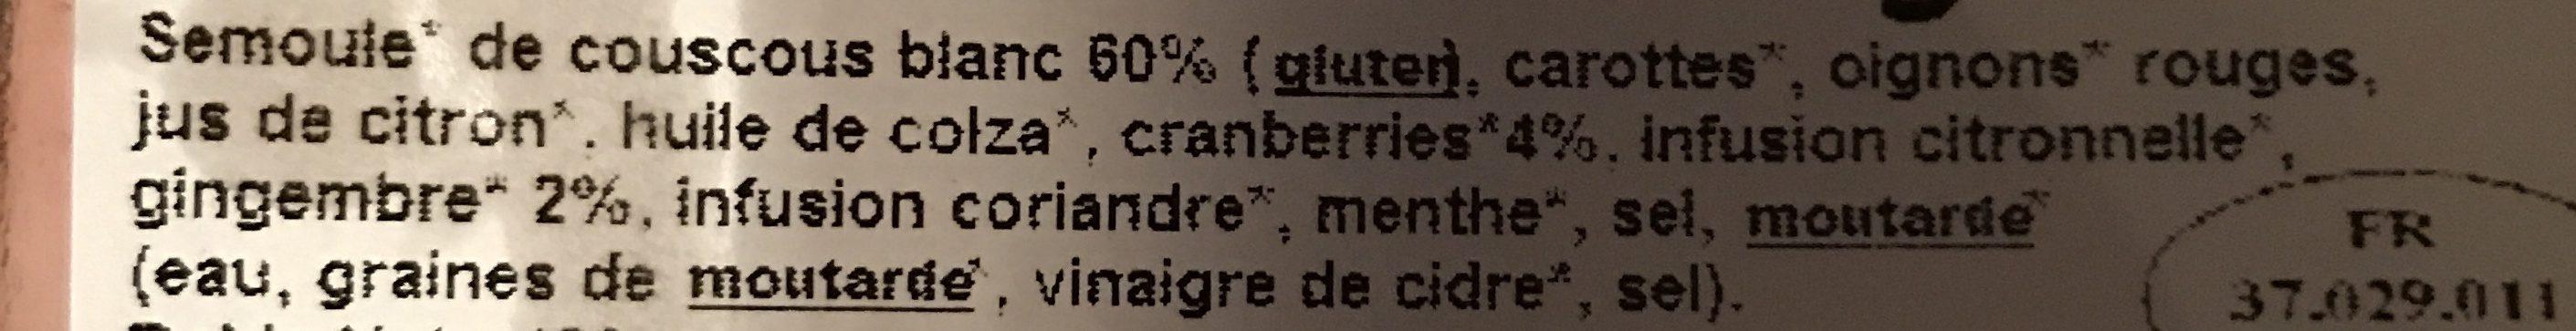 Taboule - Ingrédients